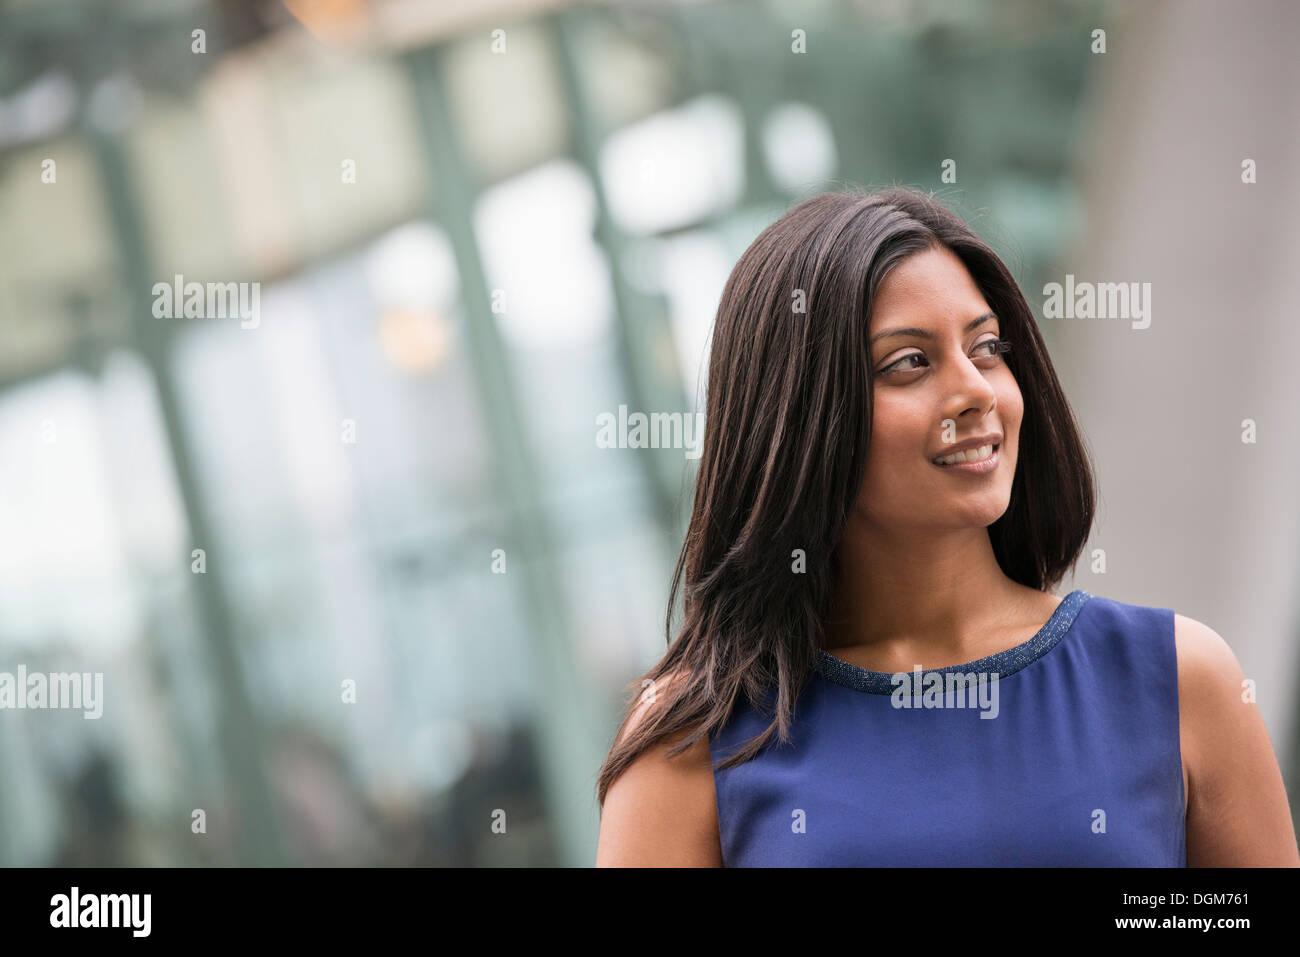 La gente di affari. Una donna con lunghi capelli neri che indossa un vestito blu. Foto Stock